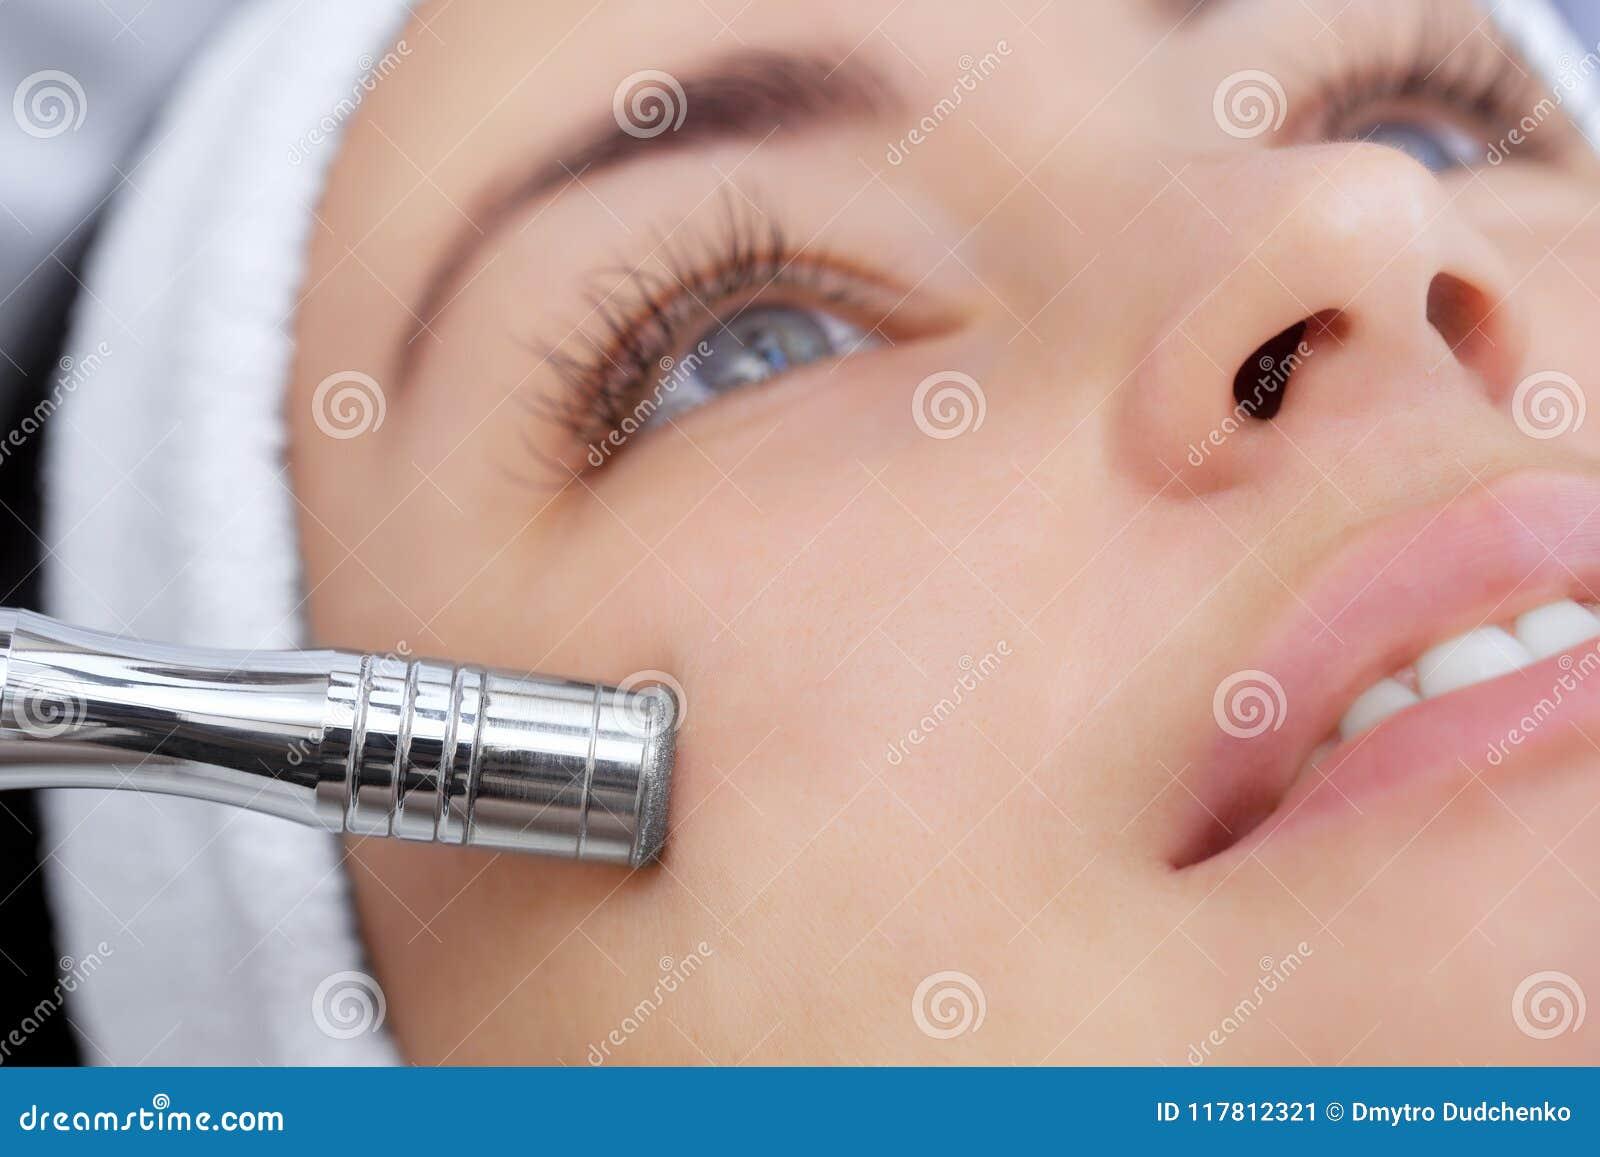 Der Cosmetologist macht das Verfahren Microdermabrasion von der Gesichtshaut einer schönen, jungen Frau